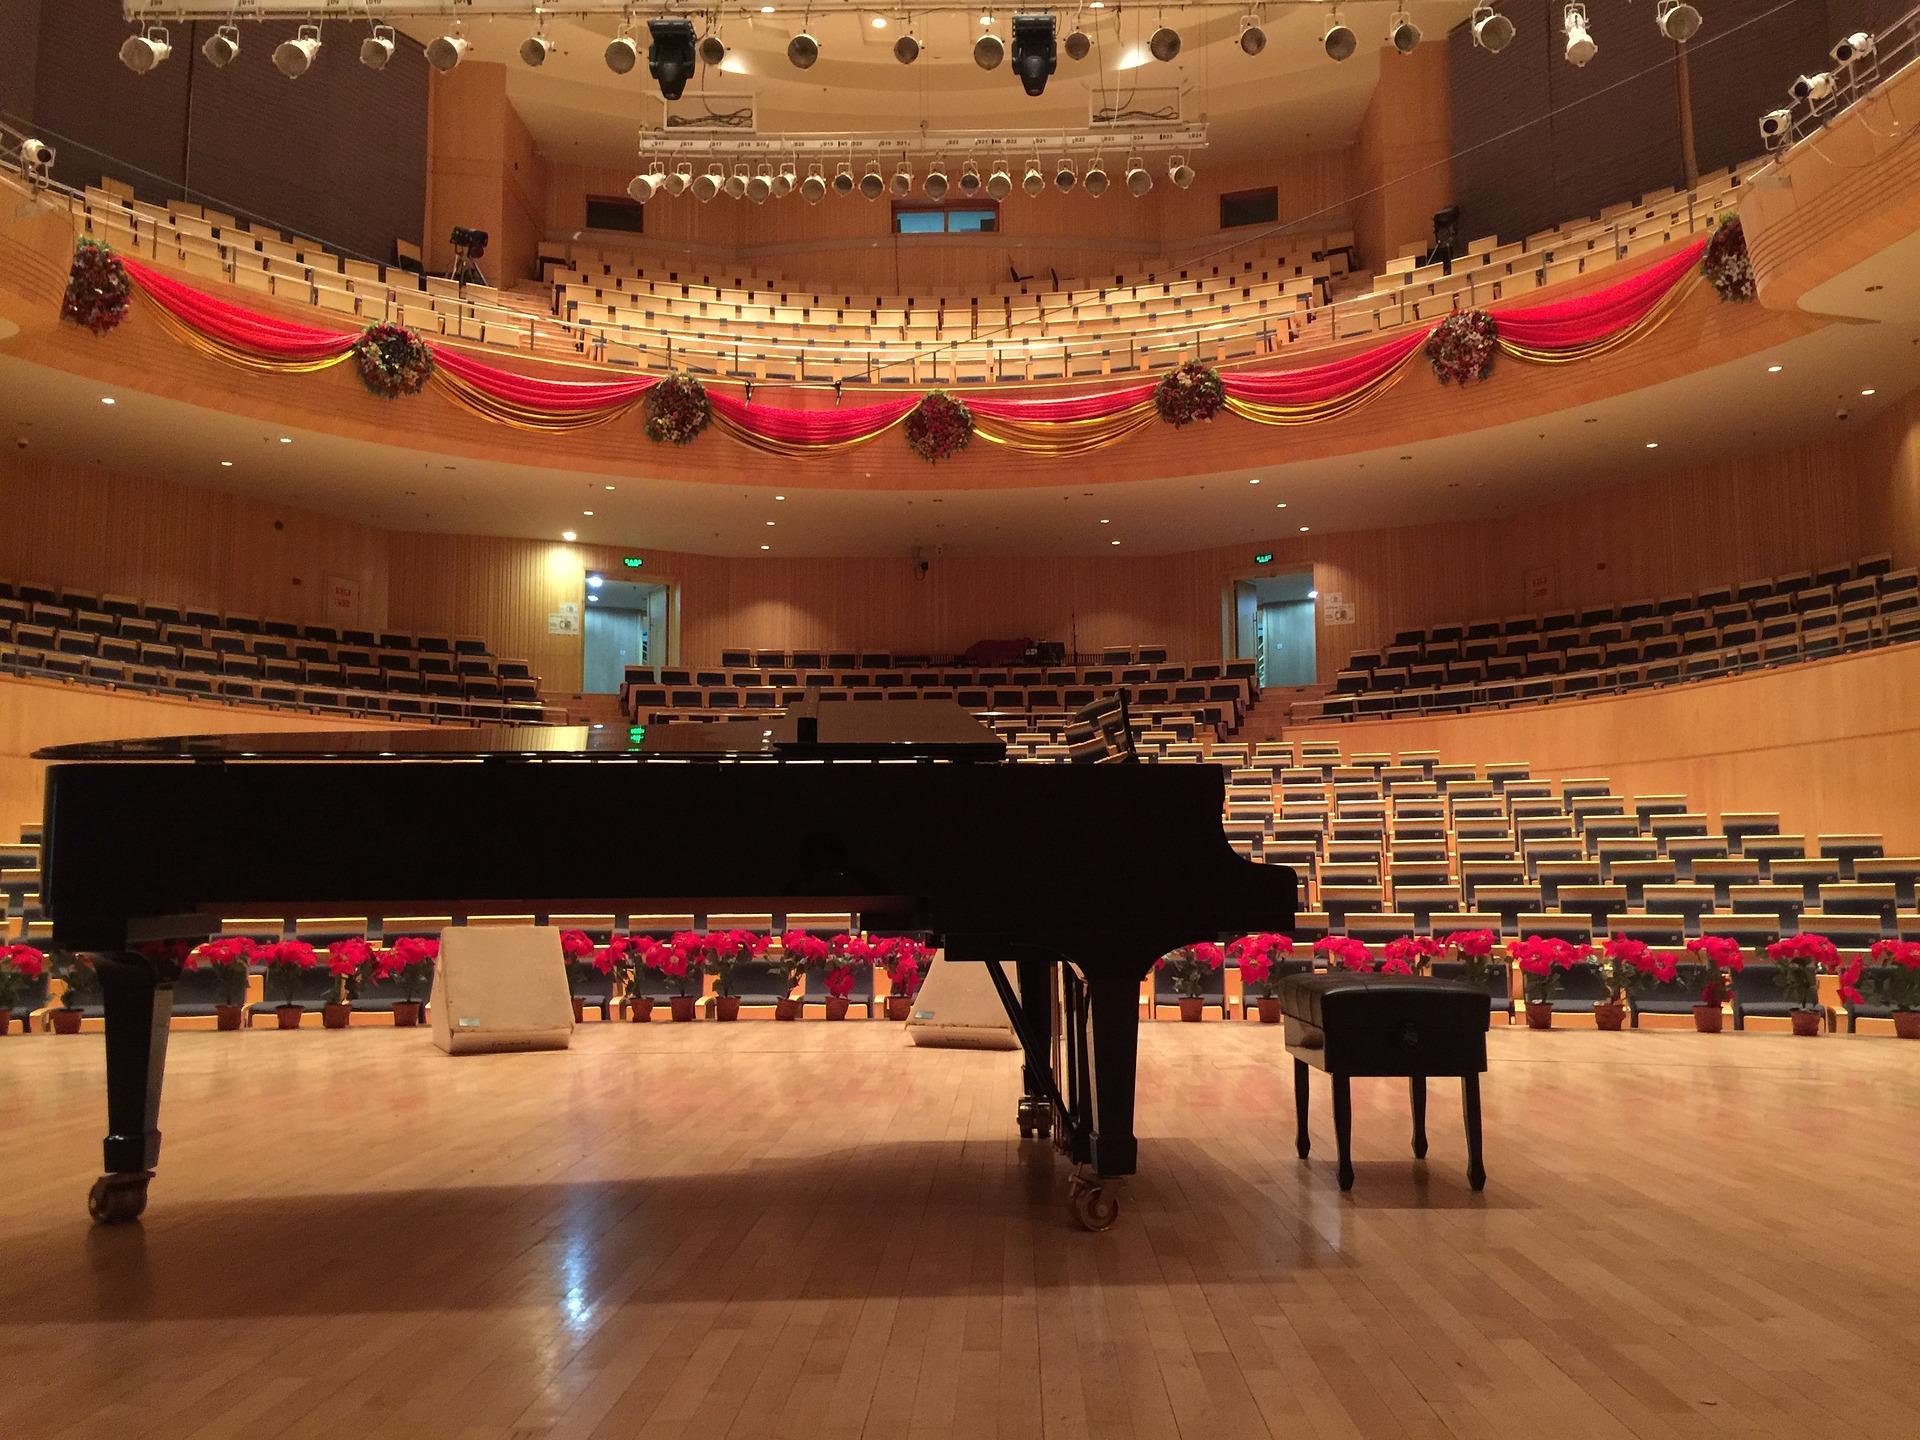 piano-au-cinéma-allegro-musique